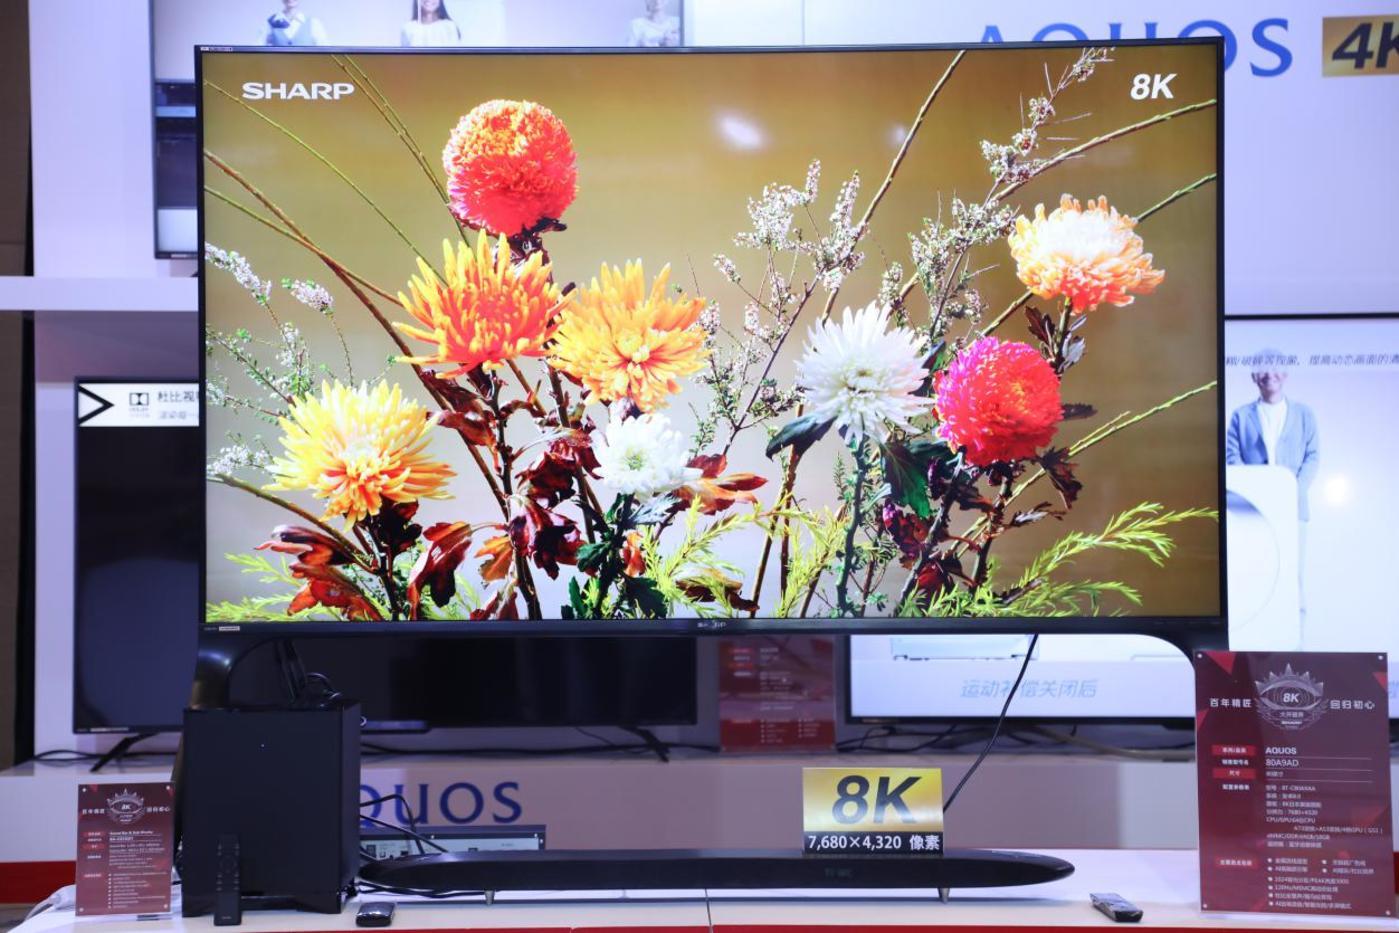 夏普发布第二代8K电视